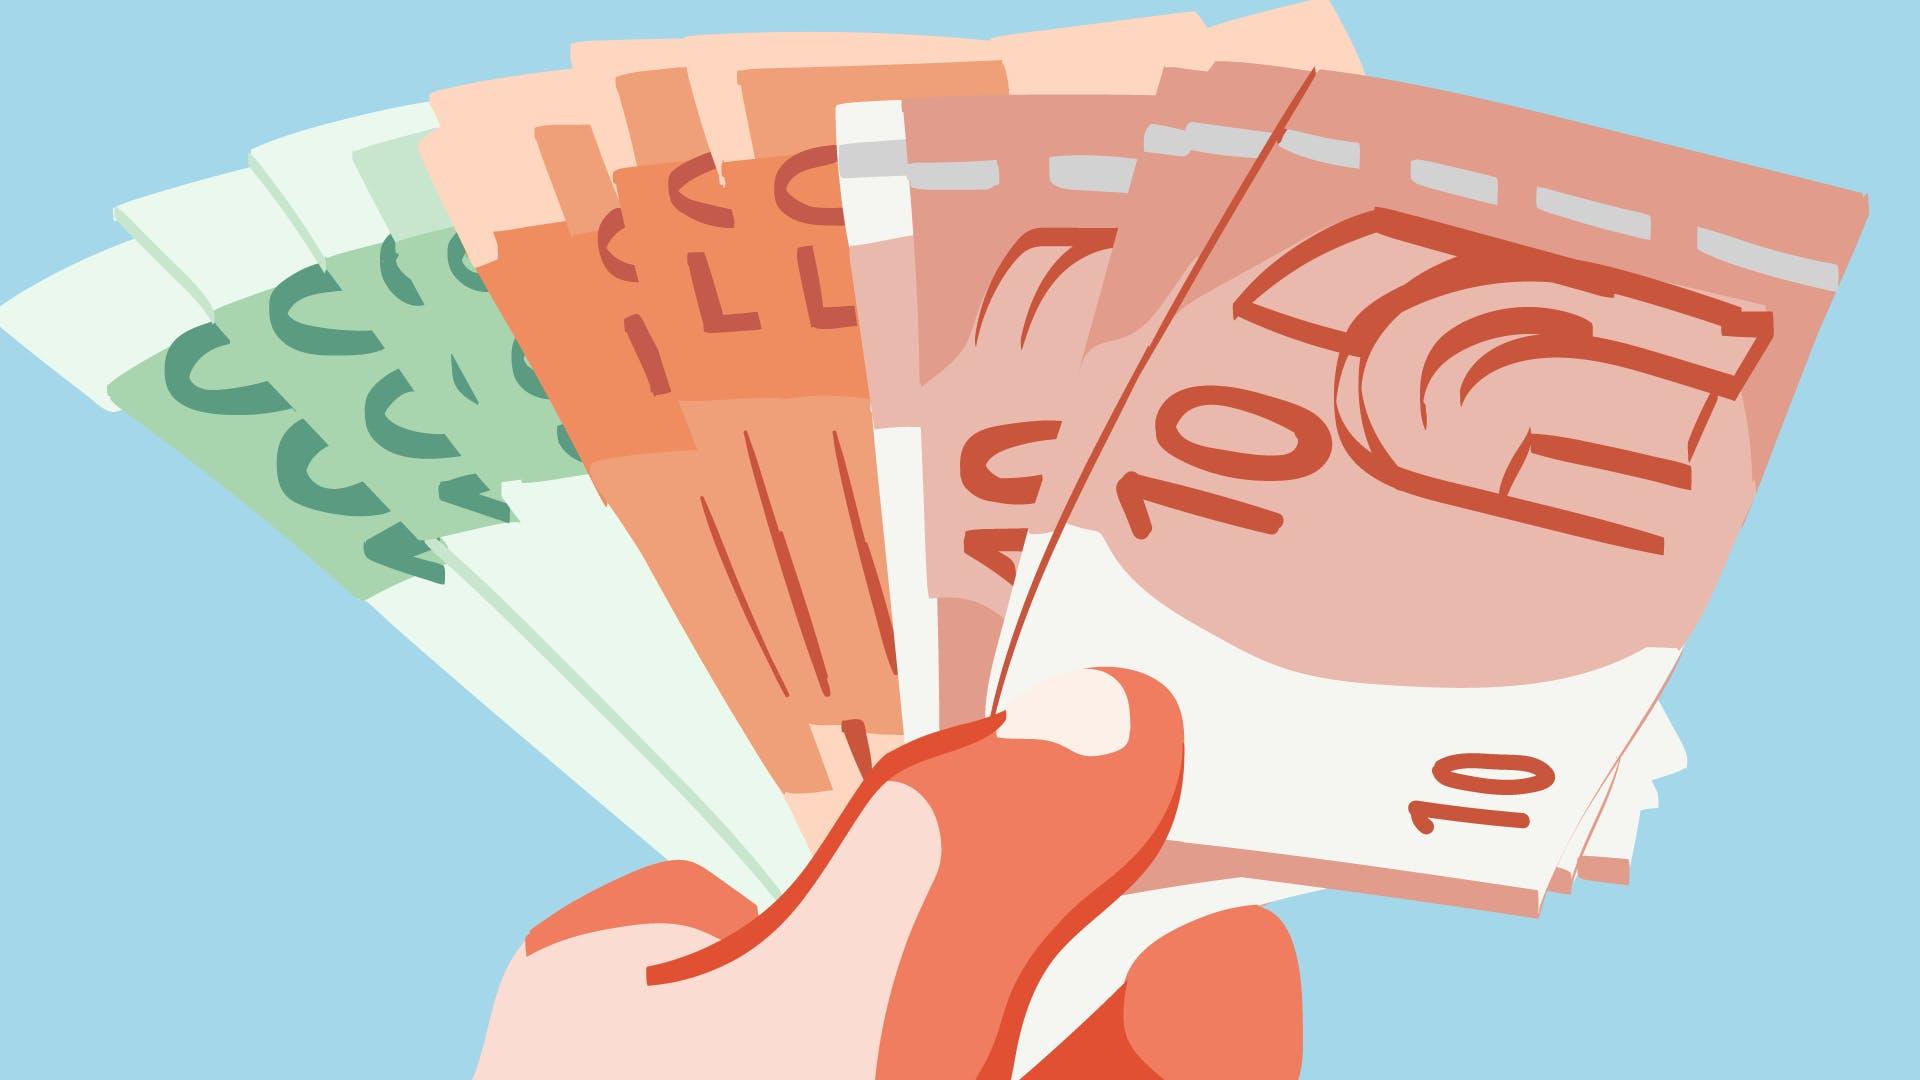 Veranschaulichung mit unterschiedlichen Banknoten, dass ein Kredit für Selbständige genehmigt wurde.